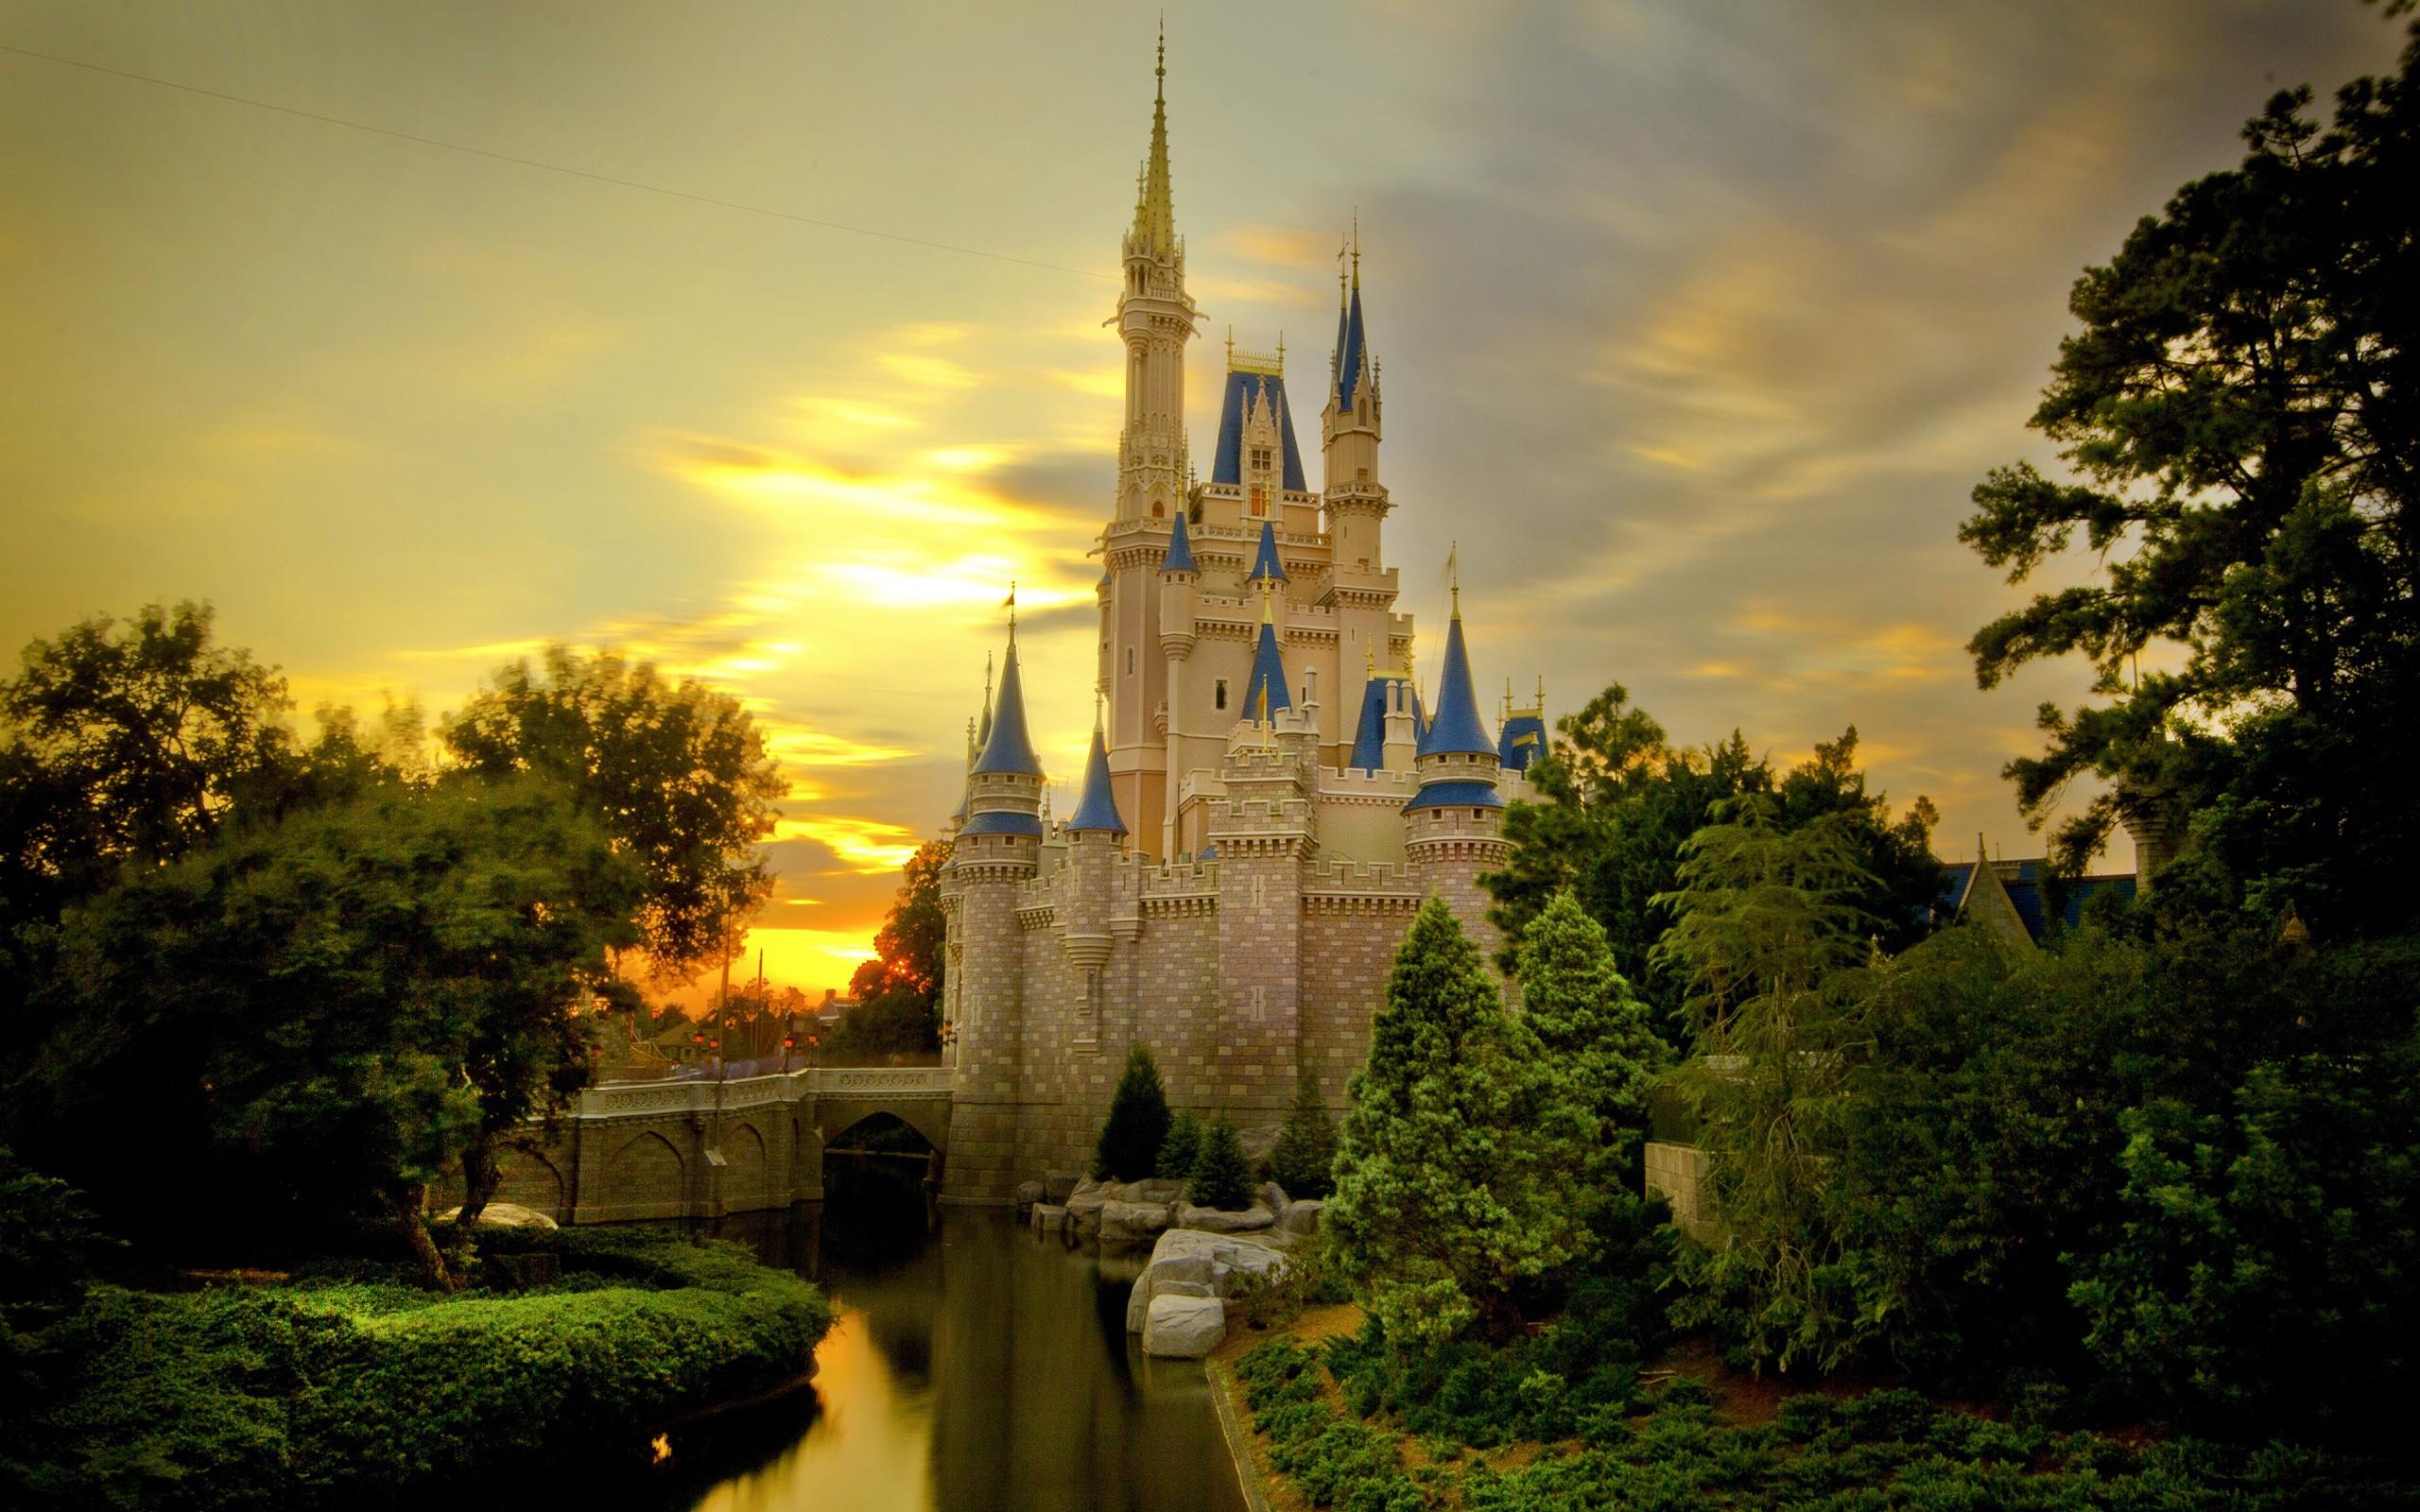 Castillos de princesas - 2560x1600